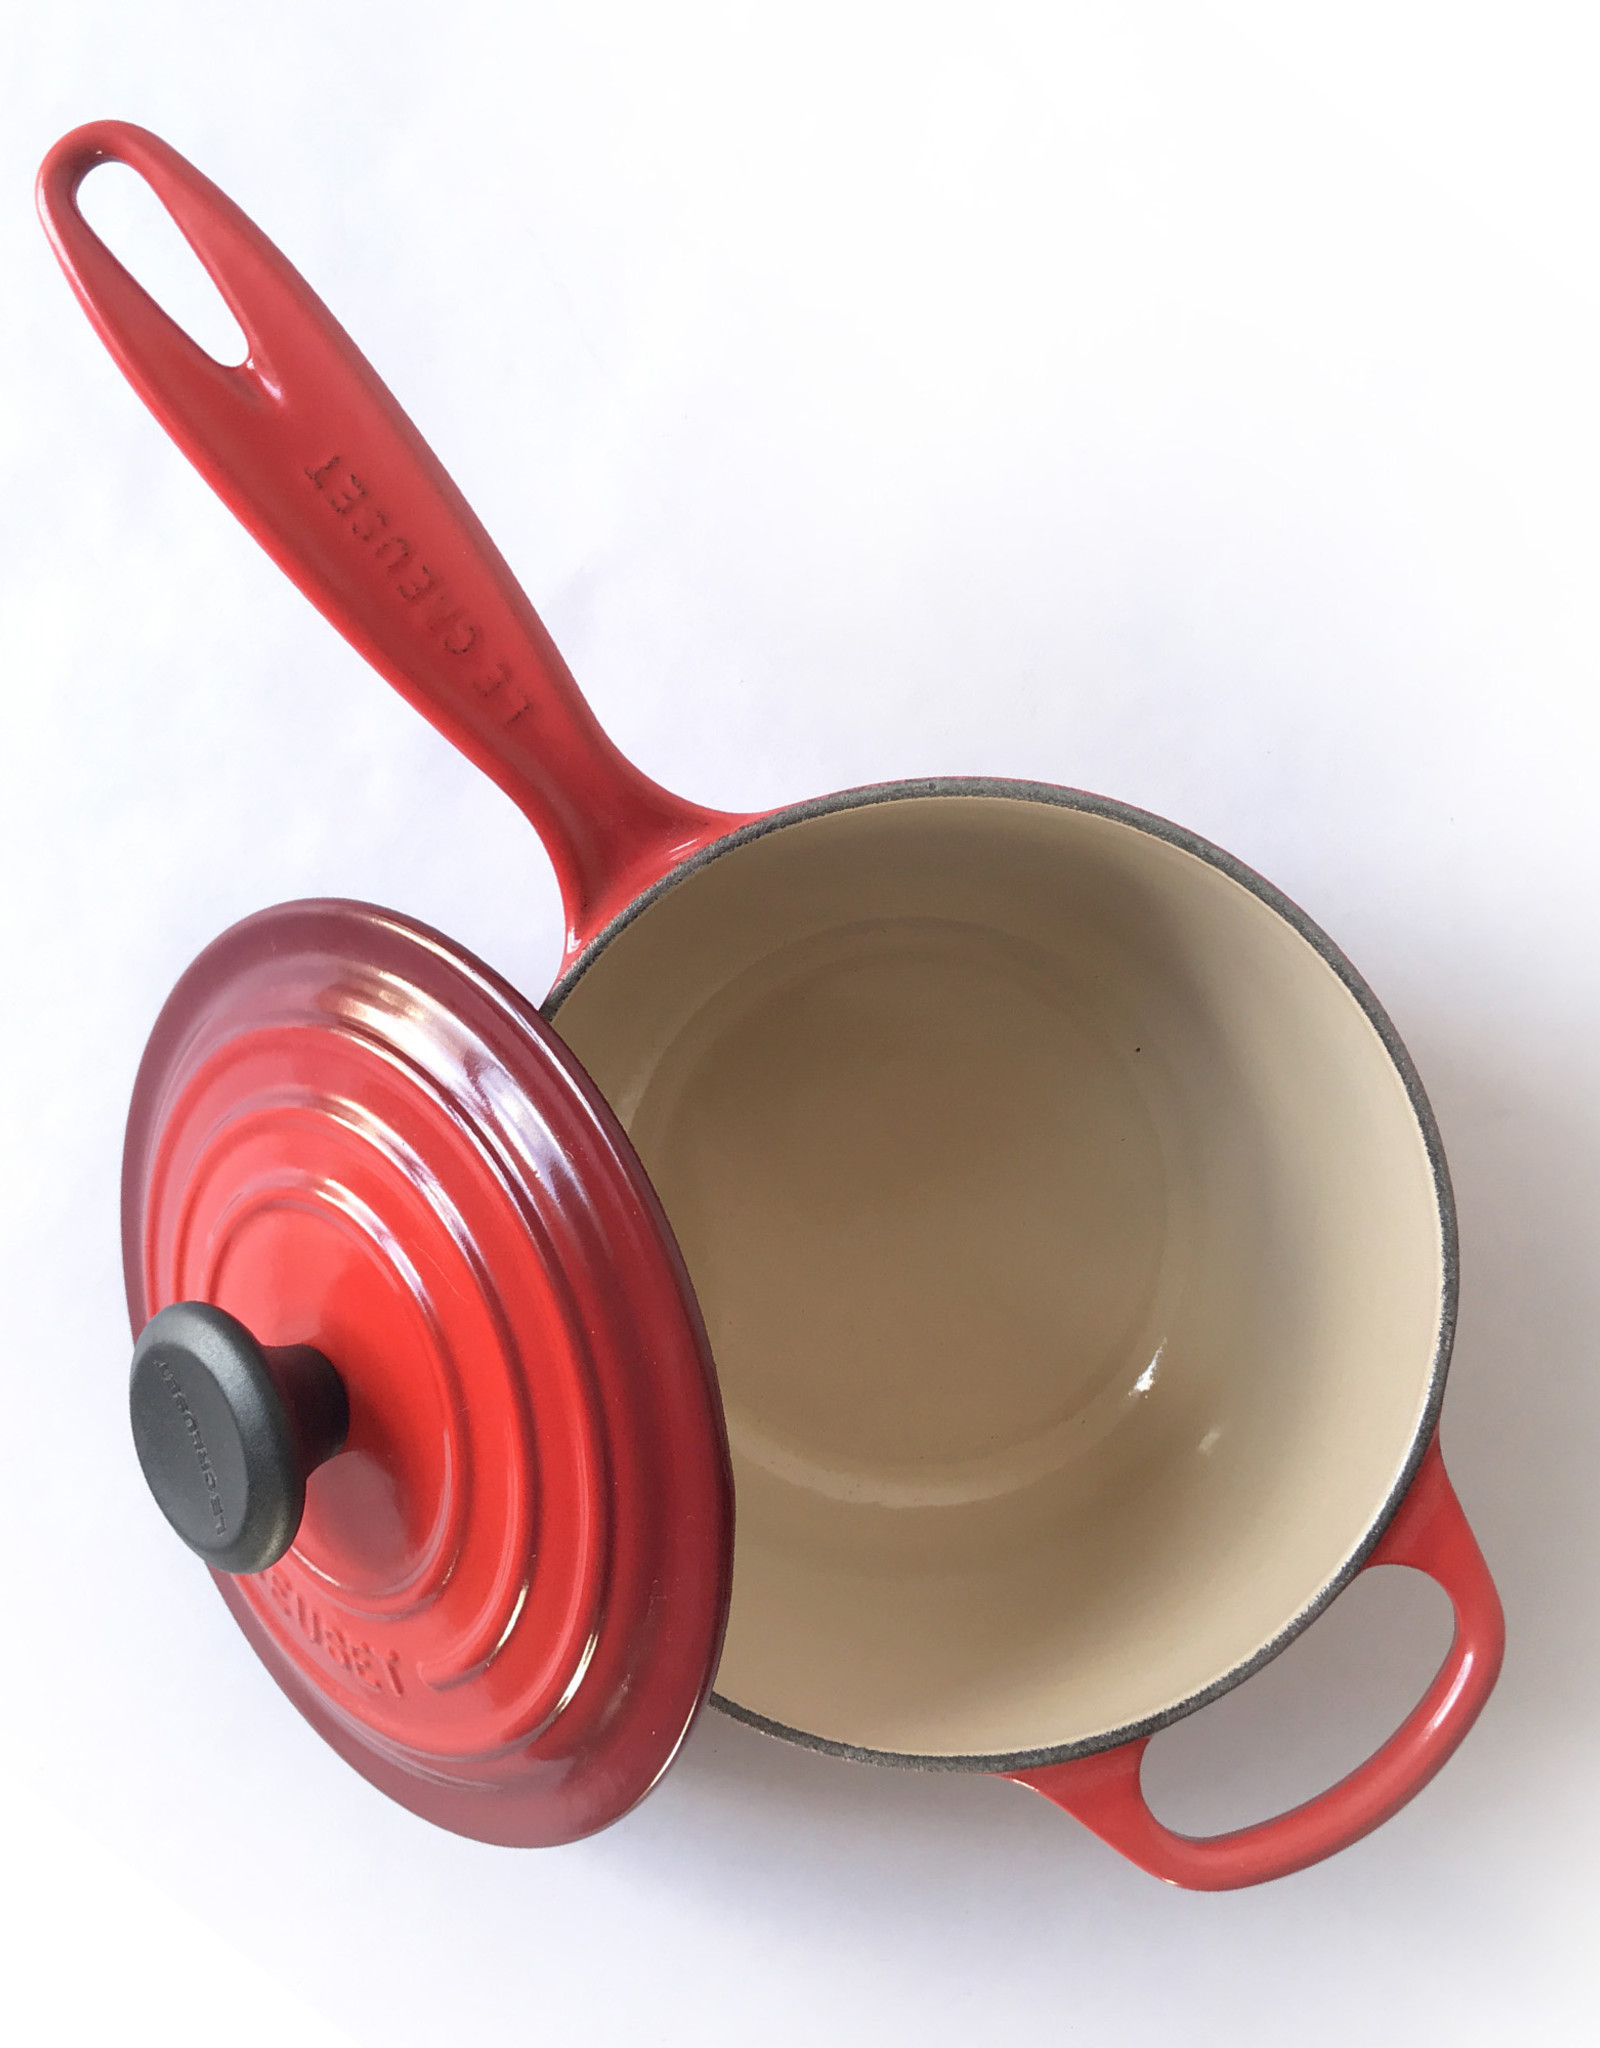 Le Creuset Le Creuset Enameled Cast Iron Handled Sauce Pan, 2.25 qt.